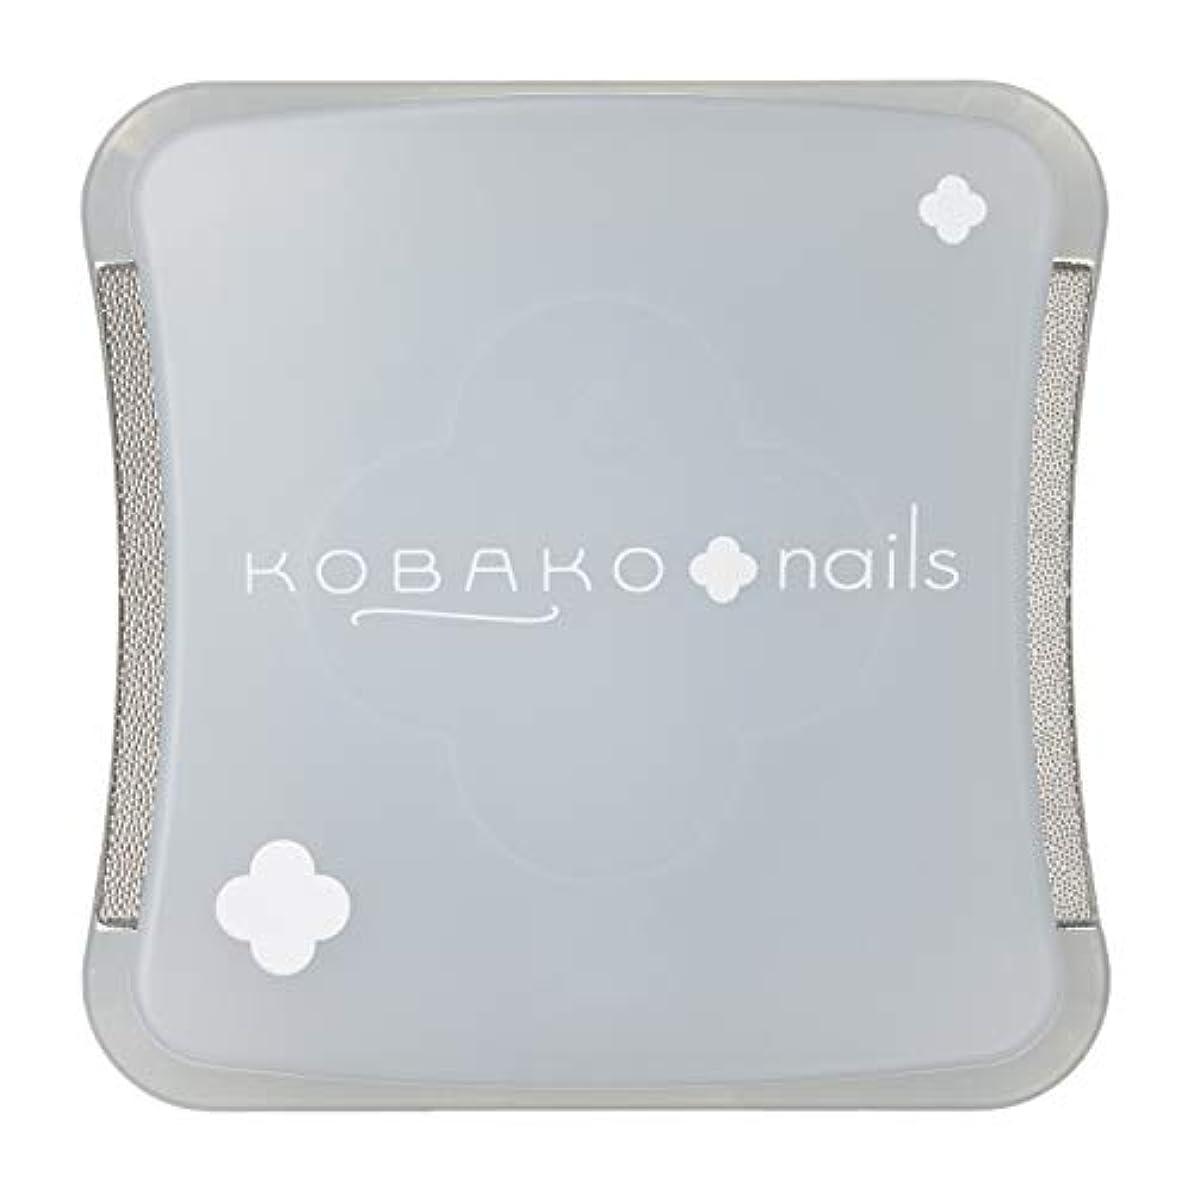 同一性提案する逃れるKOBAKO(コバコ) コンパクトネイルファイル